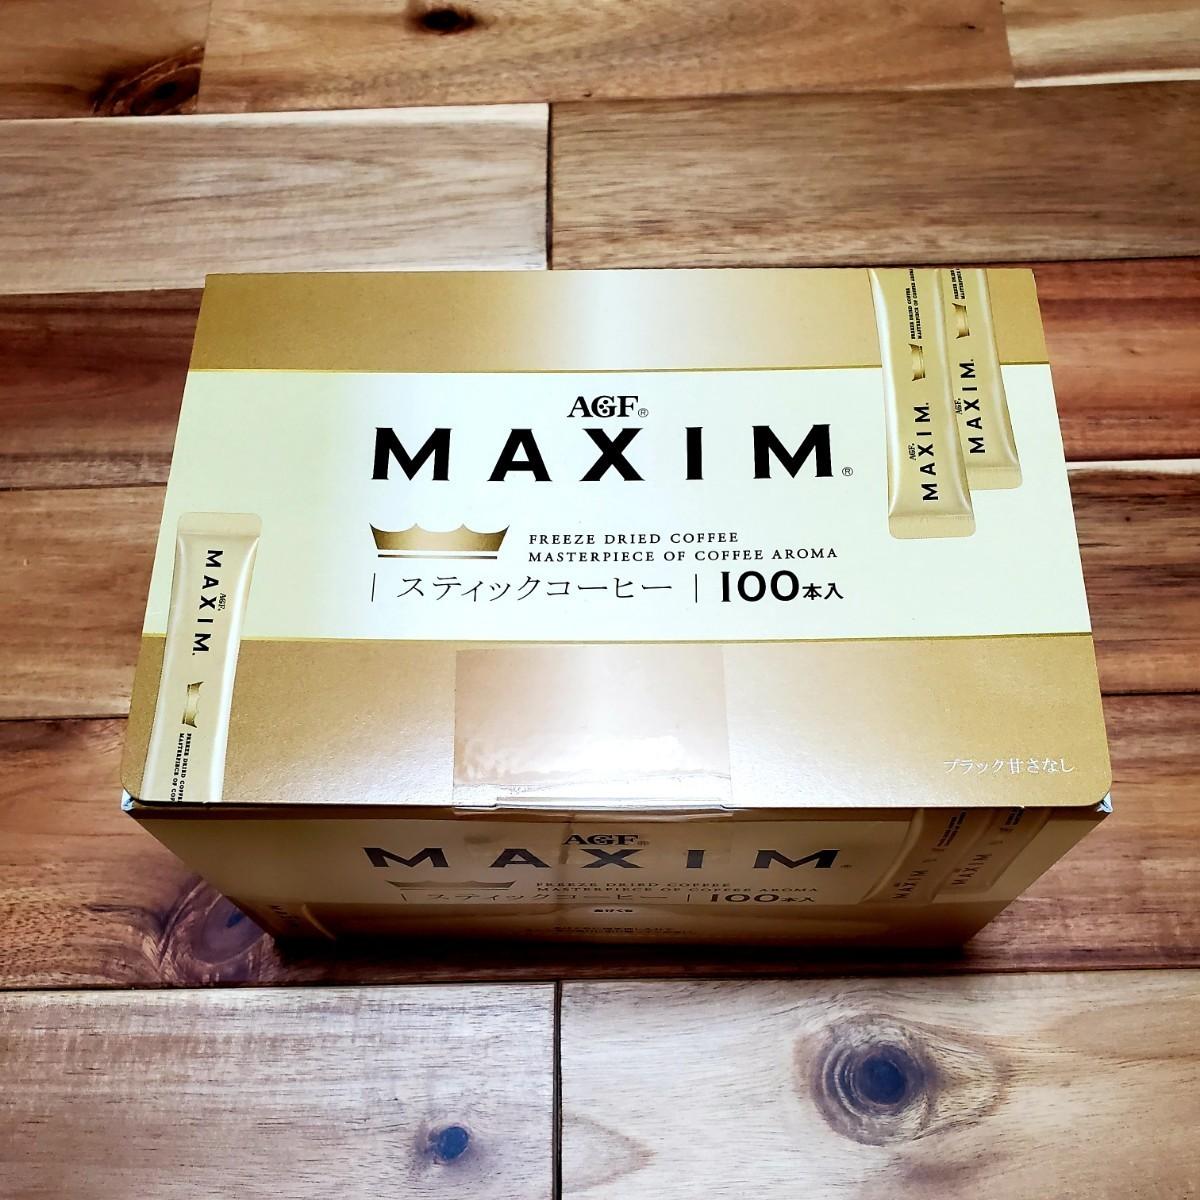 MAXIM マキシム スティックコーヒー 150本